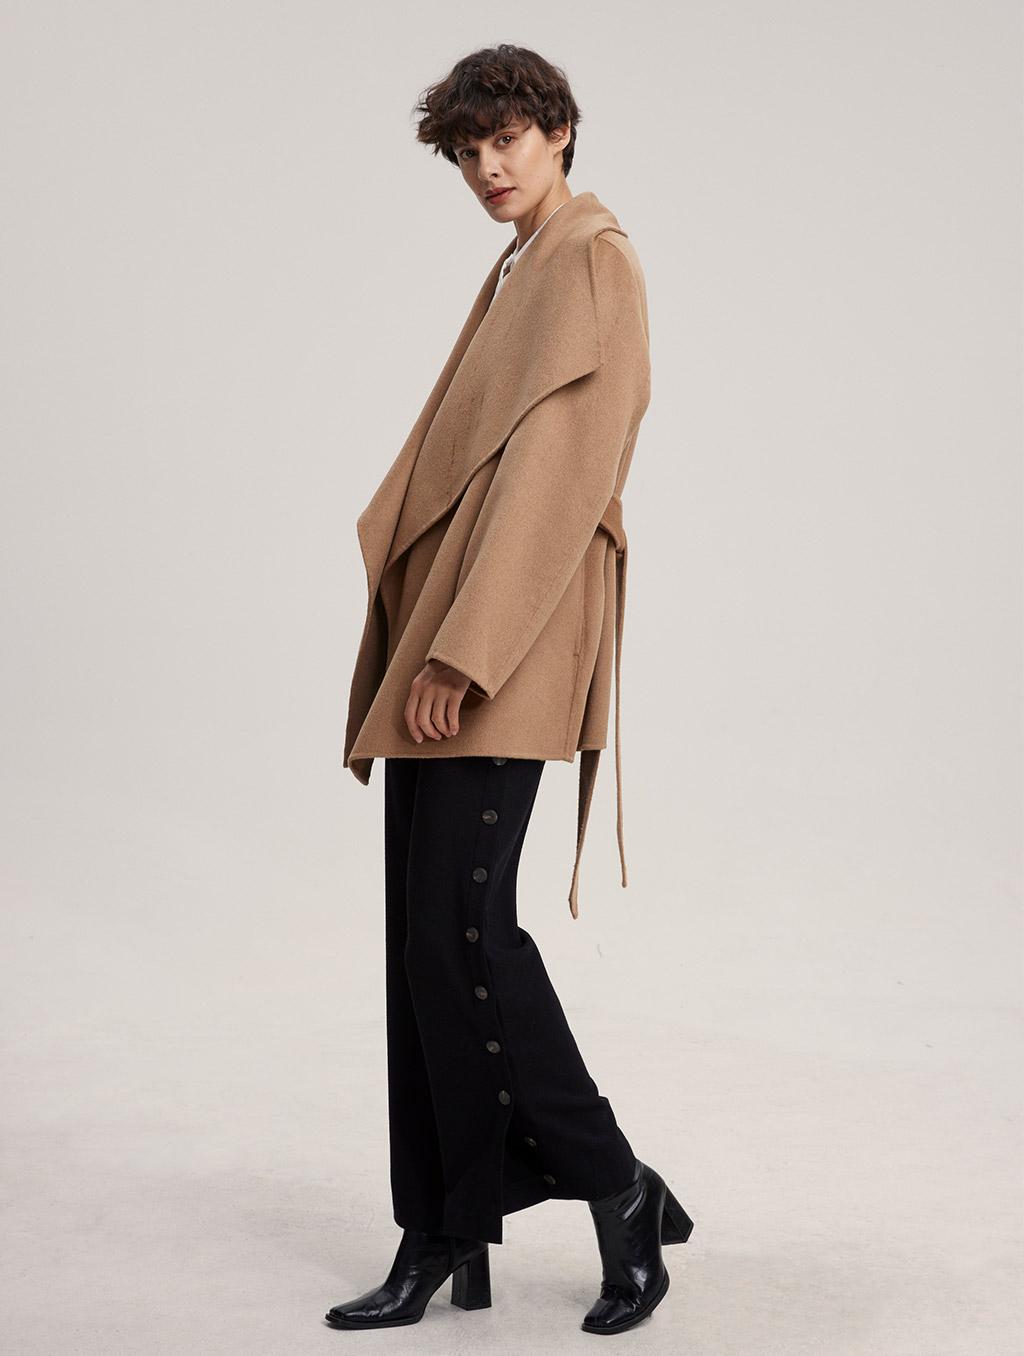 Waisted Belted 100% Camel Hair Coat - side- Camel